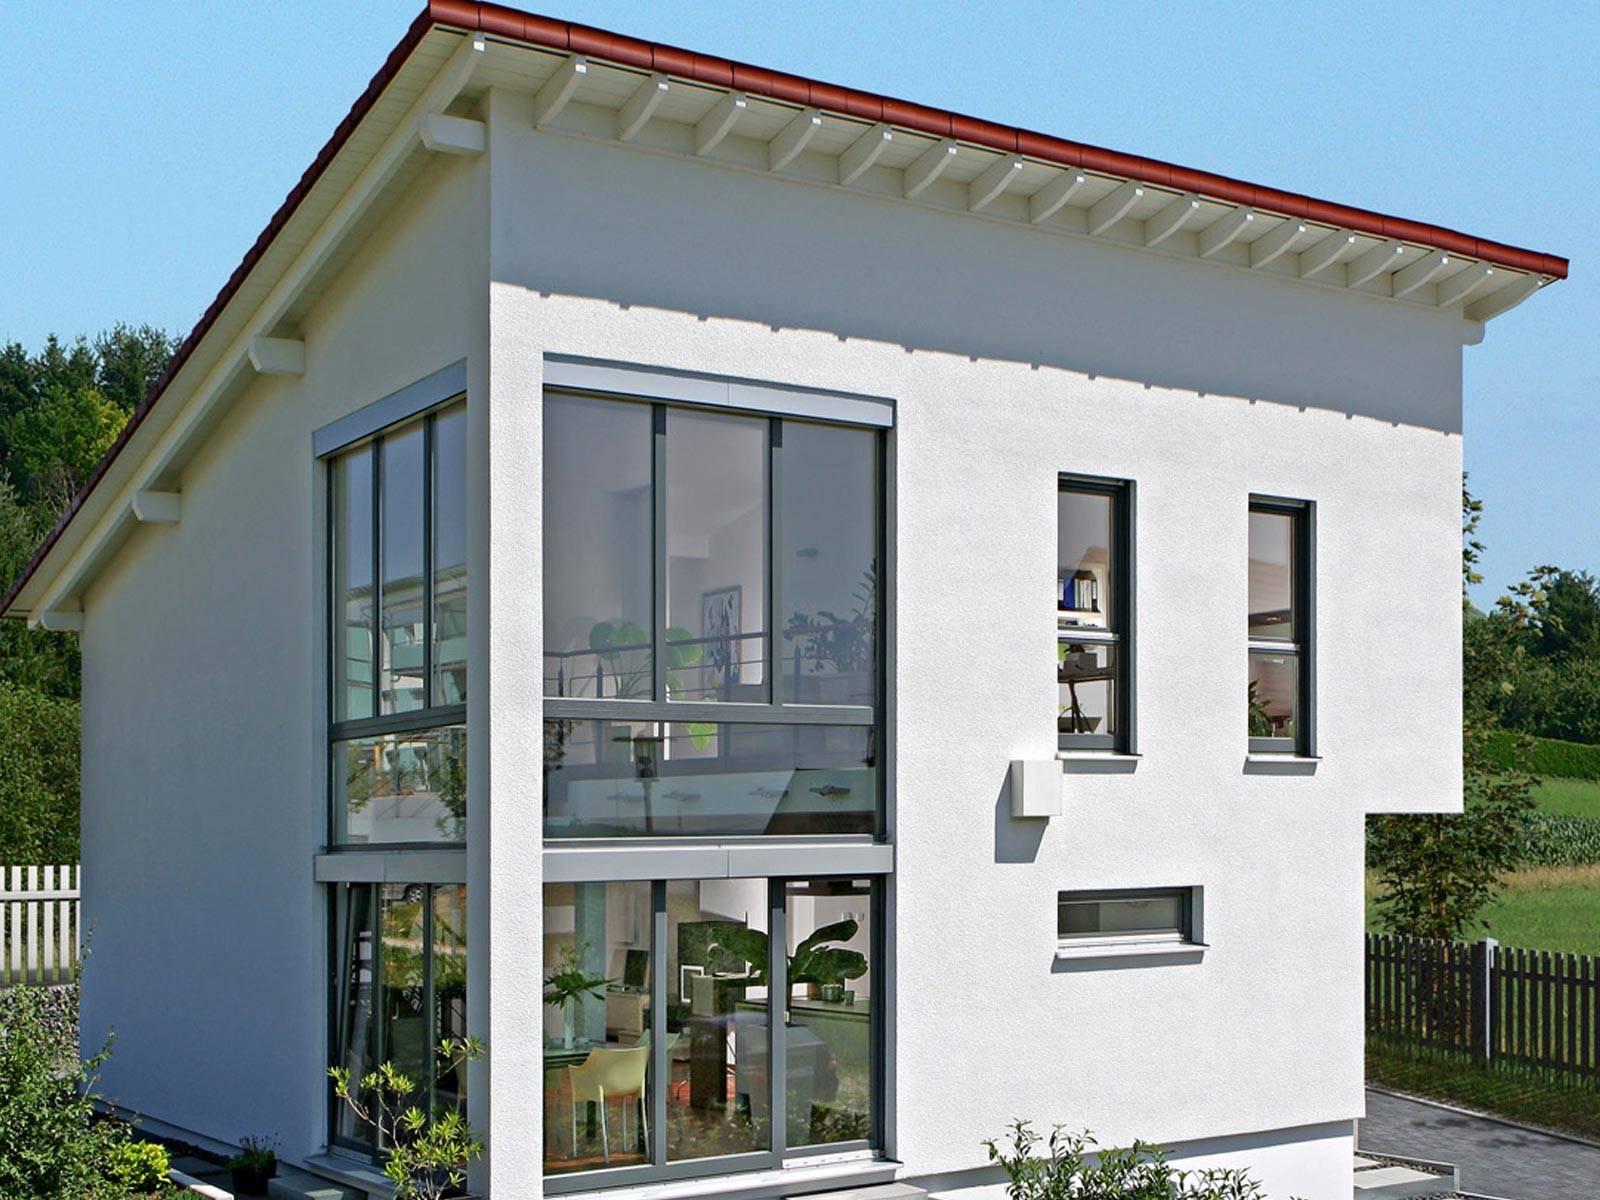 Pultdachhaus Lang - Fertighaus WEISS | Musterhaus.net